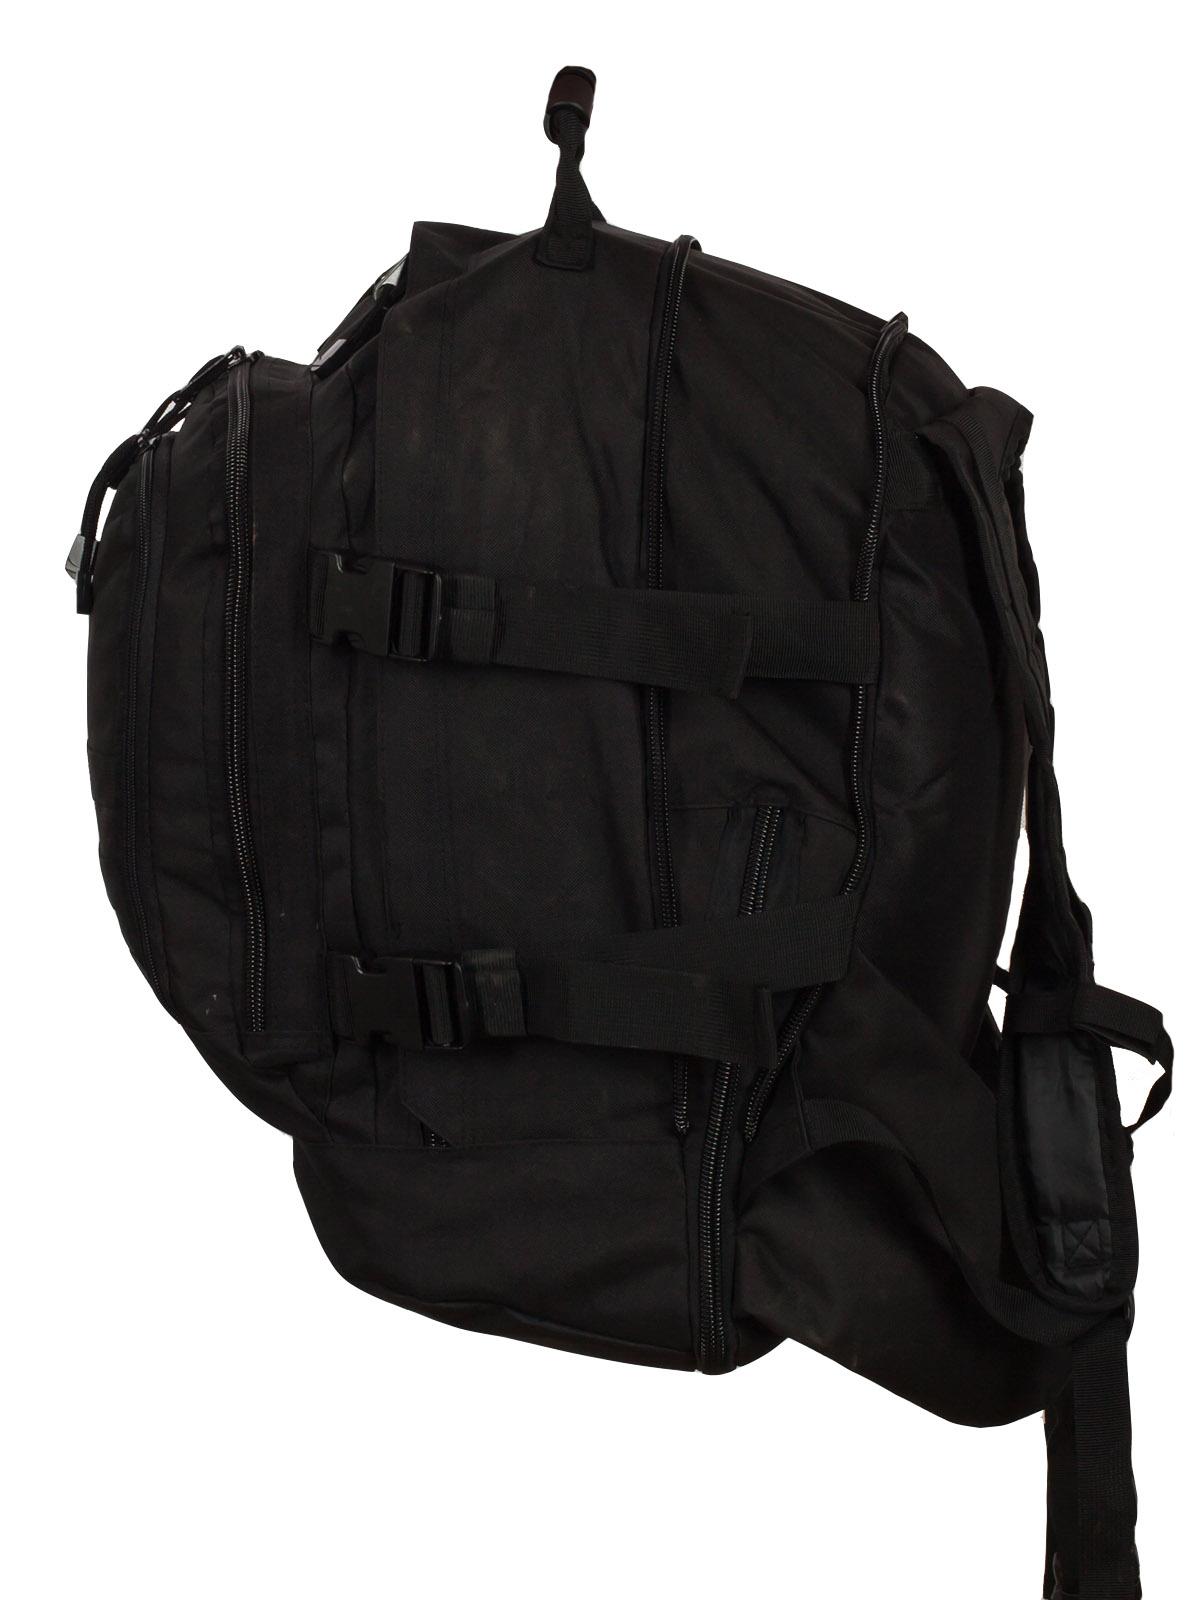 Заказать черный армейский рюкзак с эмблемой МВД России